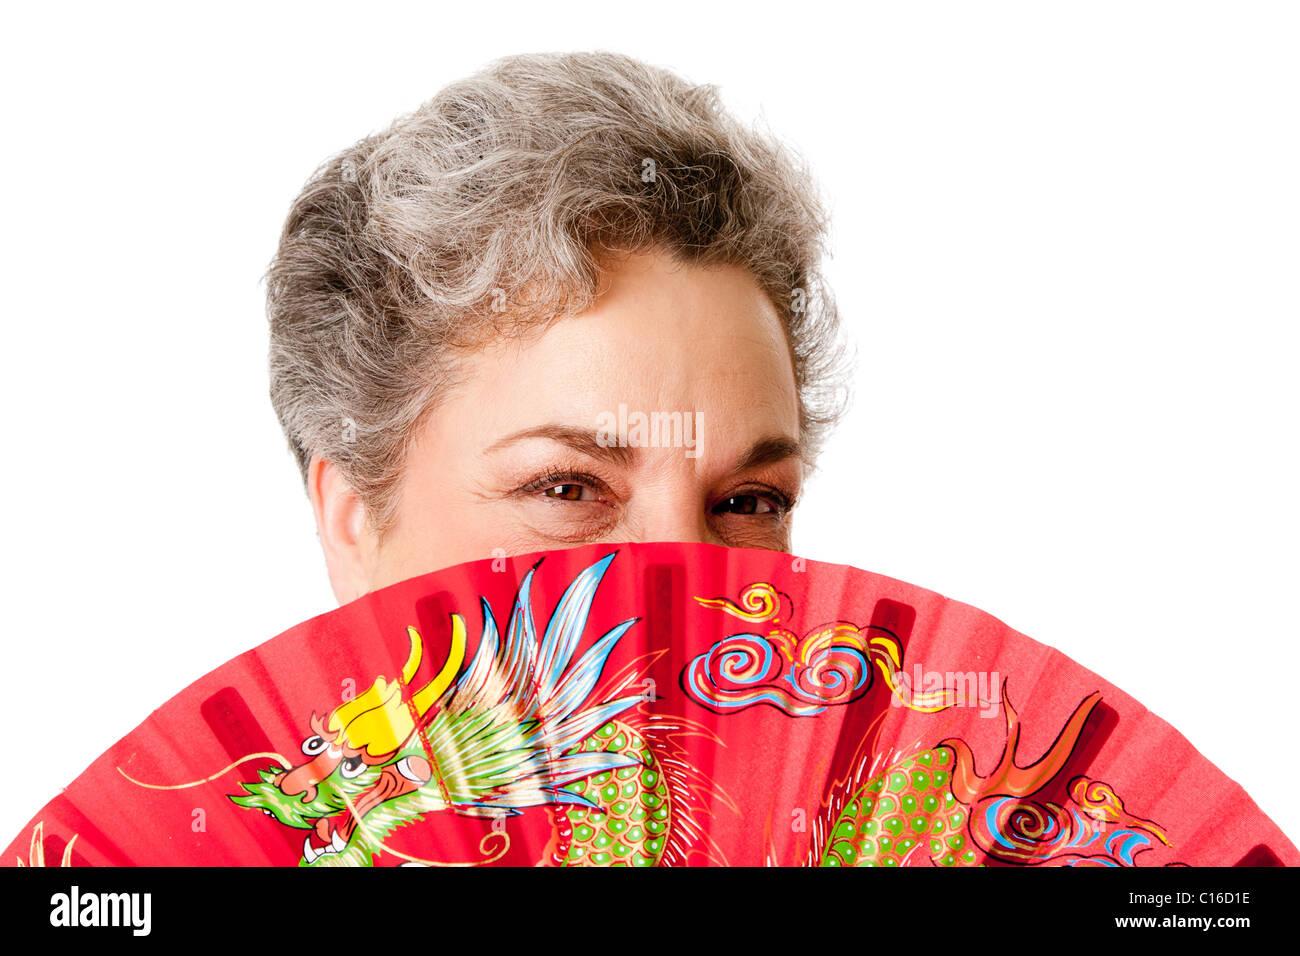 Hermosa mujer de más edad con cabello gris y rojo dragón chino fan, aislado. Imagen De Stock